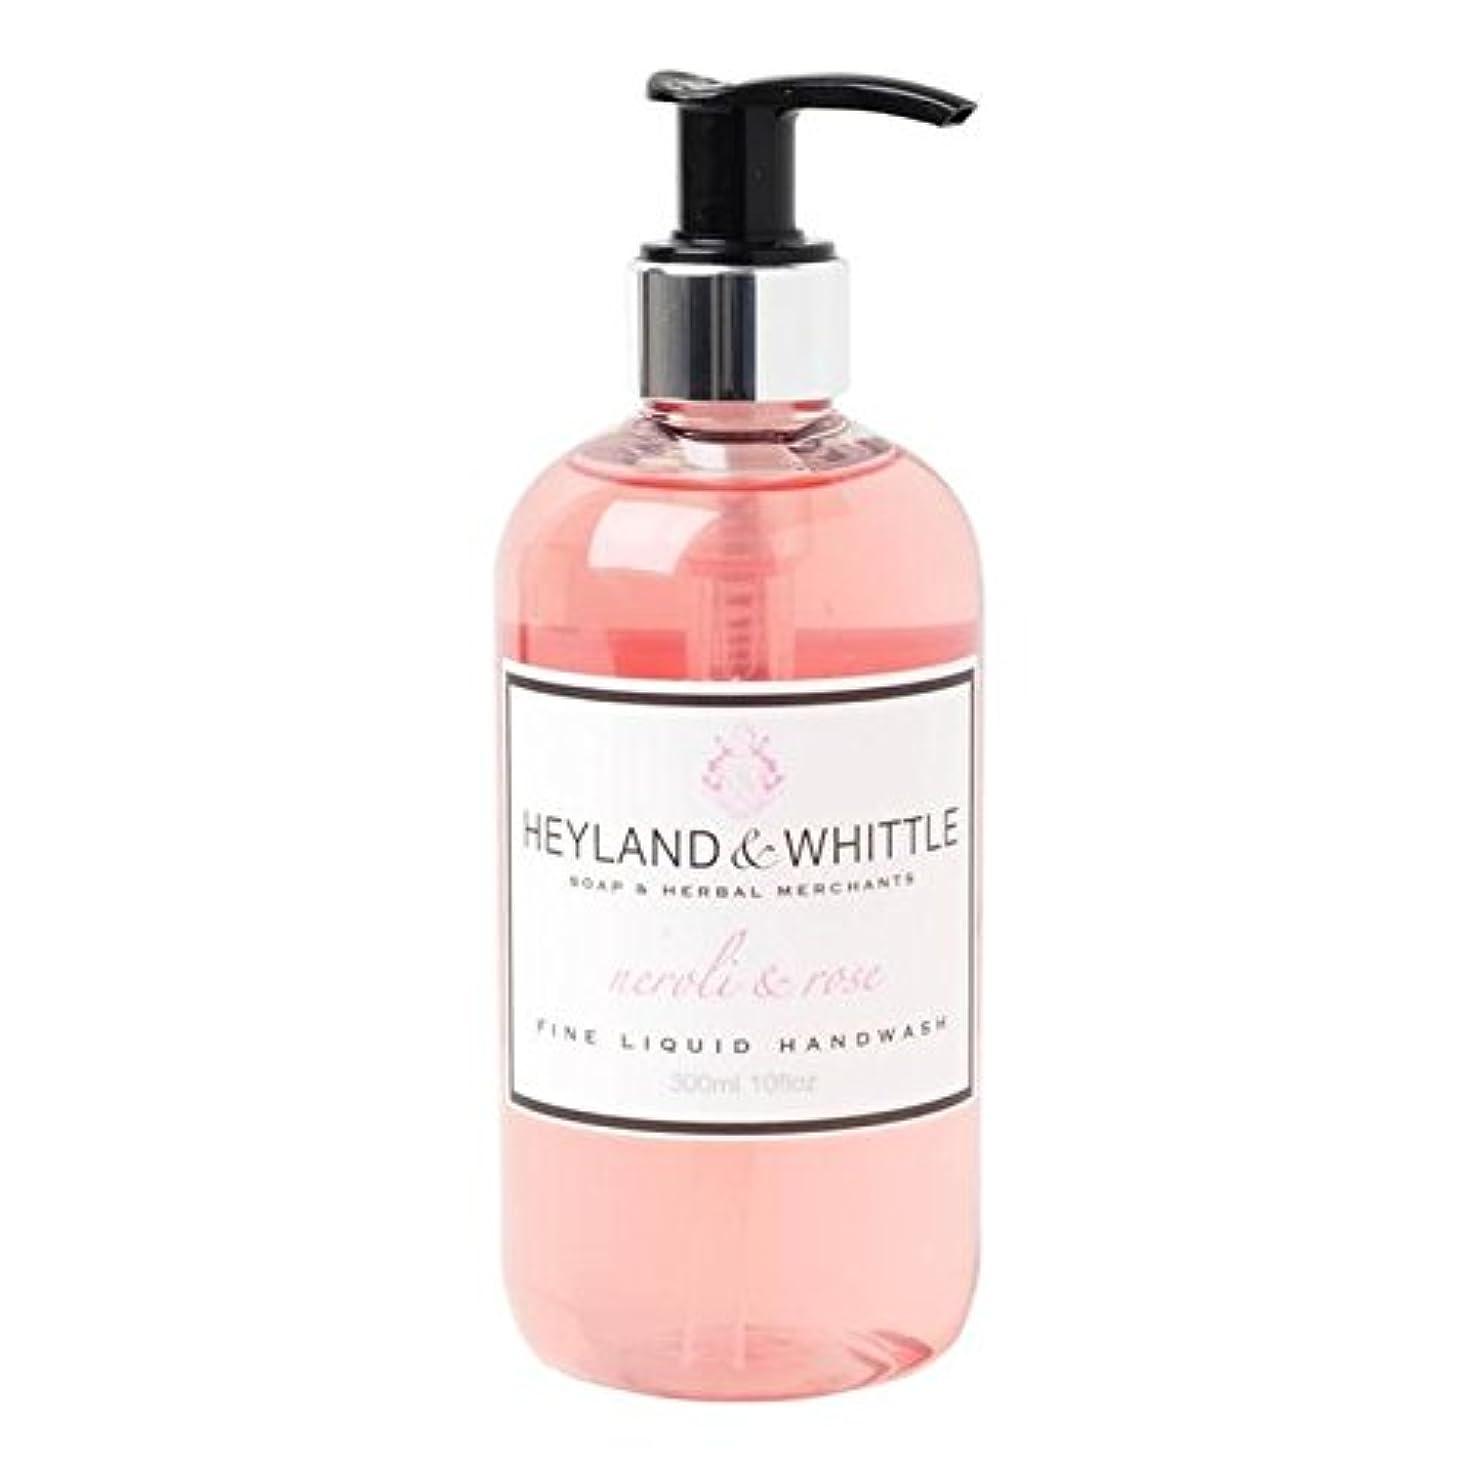 便利さ前部開梱&削るネロリ&手洗いの300ミリリットルをバラ x2 - Heyland & Whittle Neroli & Rose Handwash 300ml (Pack of 2) [並行輸入品]